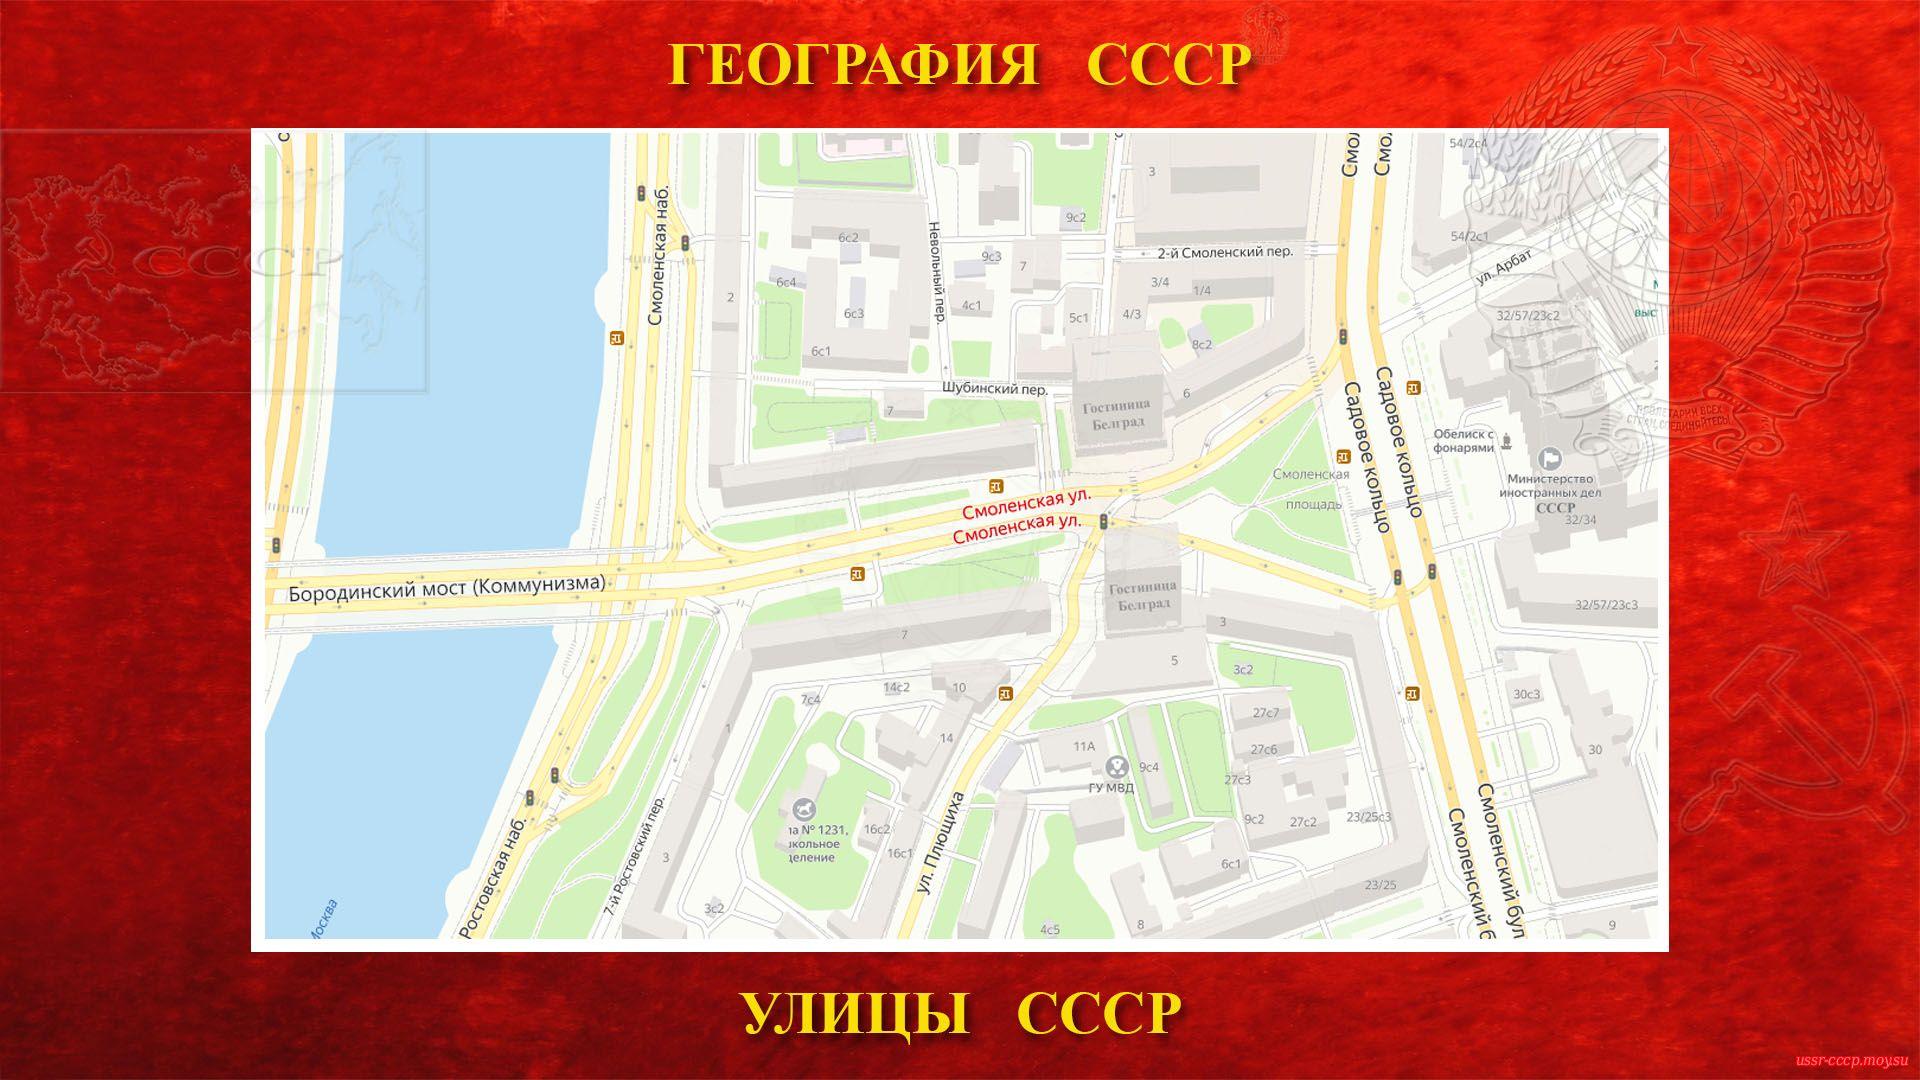 Смоленская— Улица в центре Москвы (повествование)